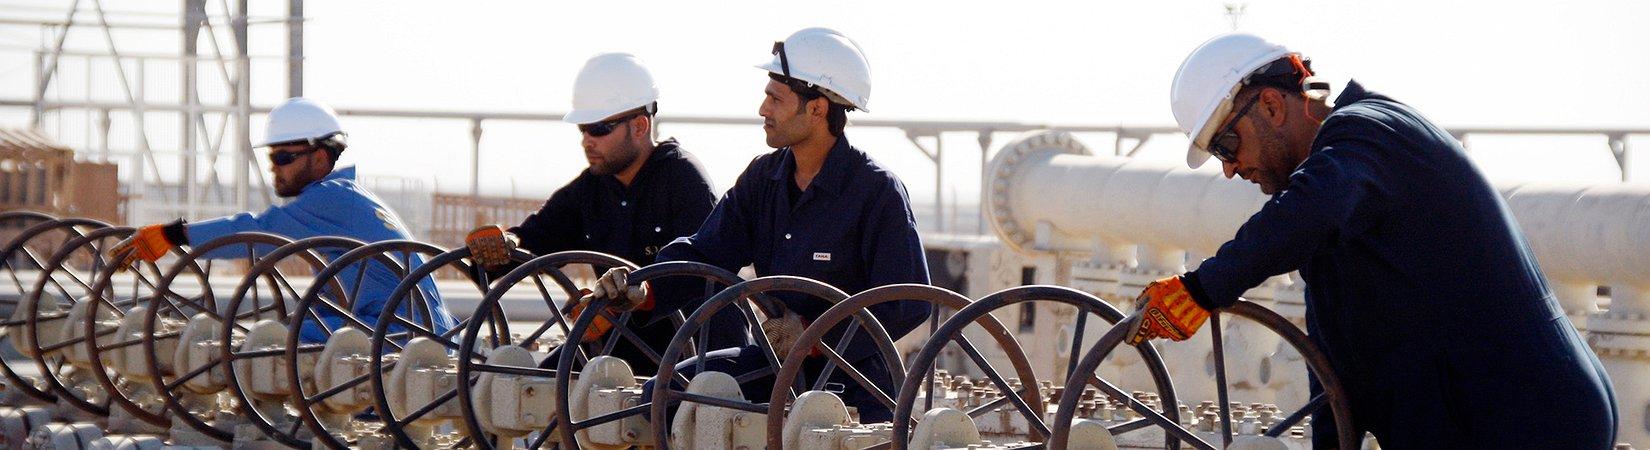 Что происходит на рынке нефти